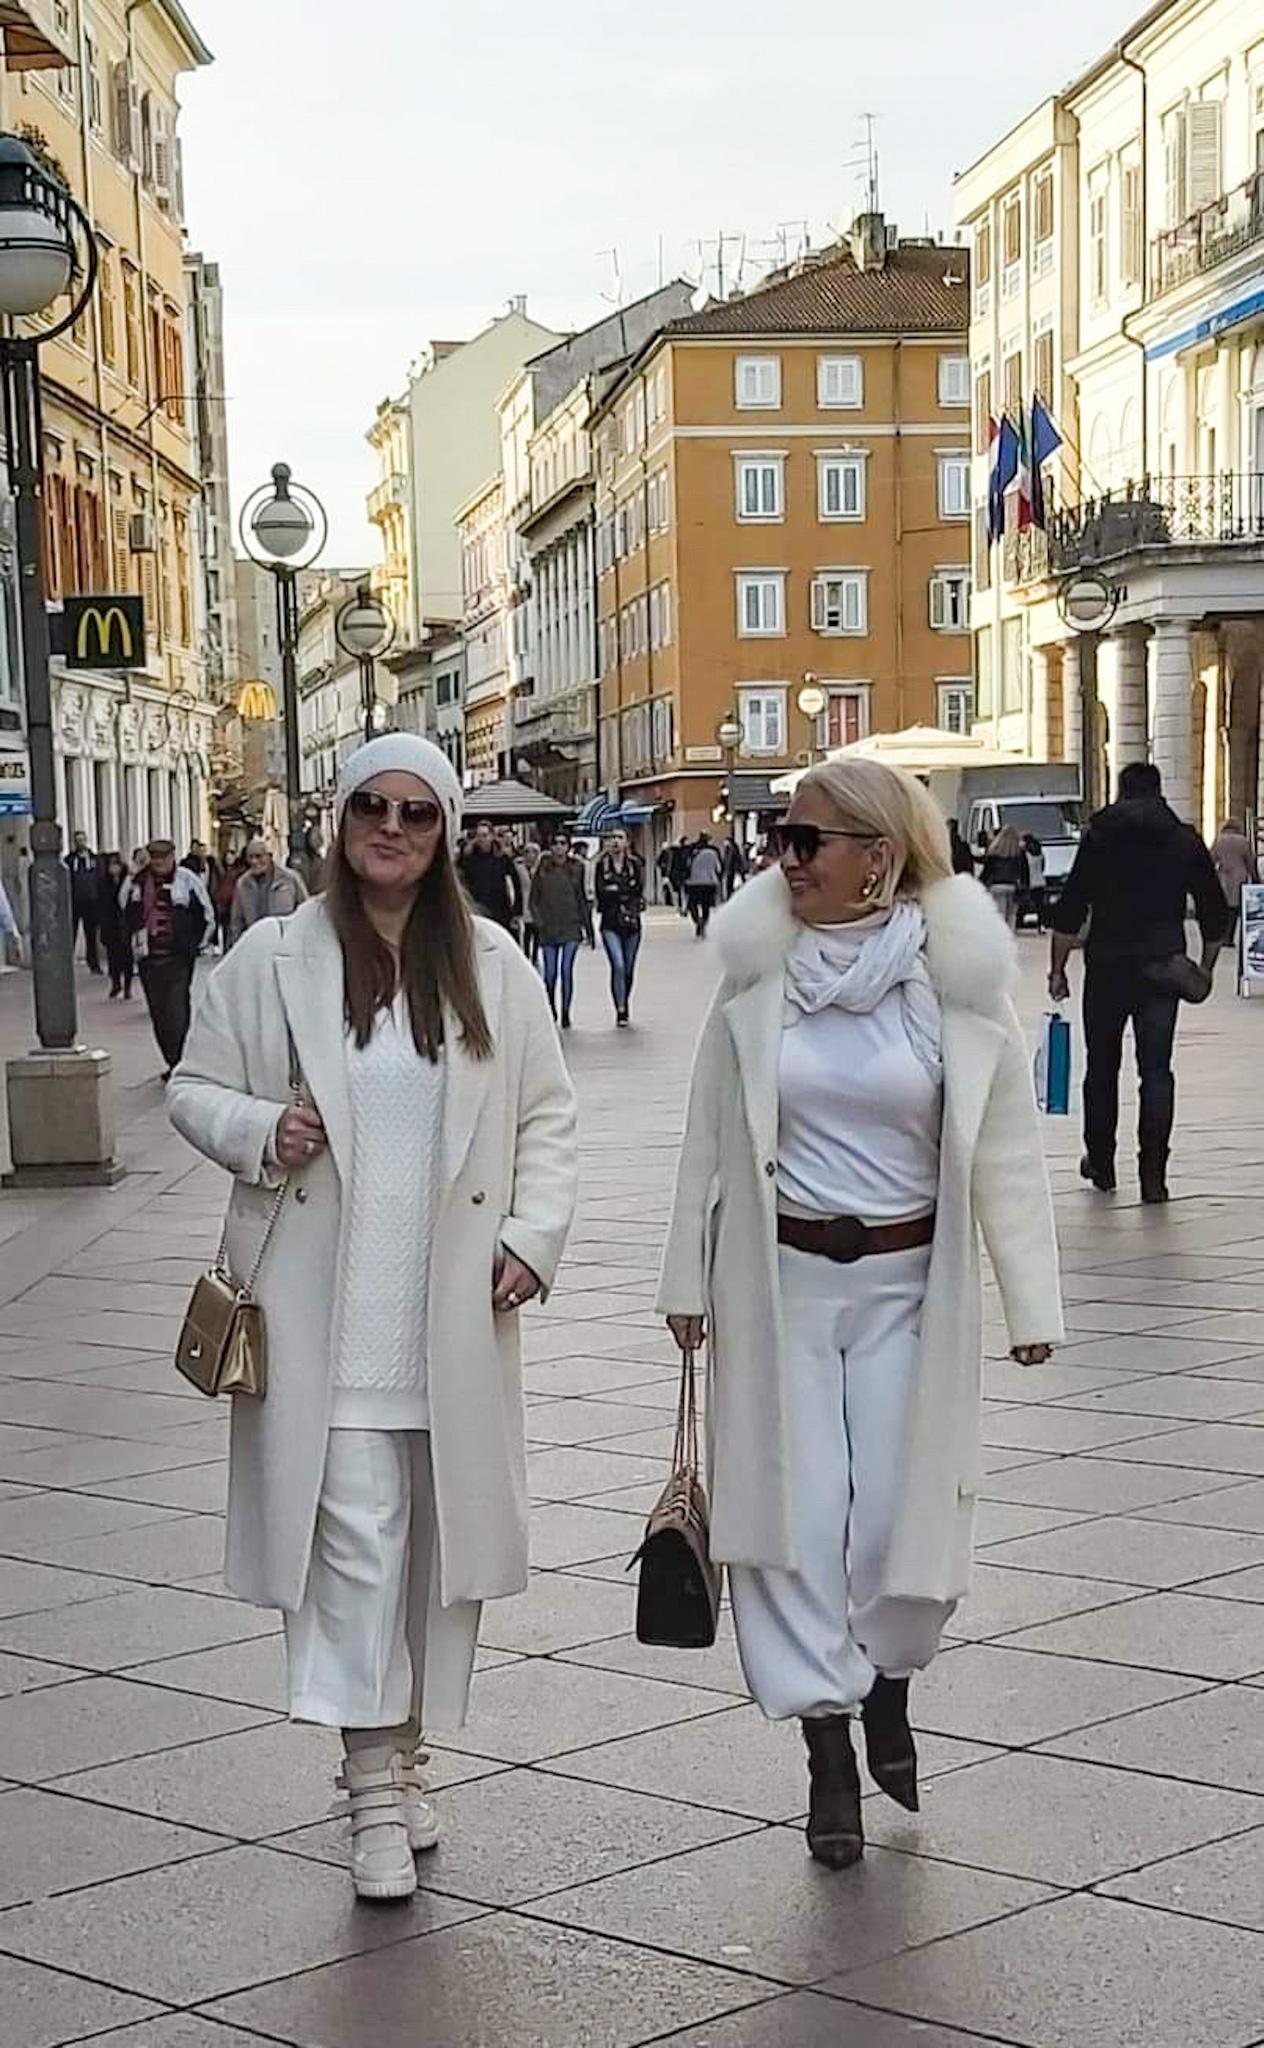 Streetstyle: Bijela boja - boja koja odlično pristaje svakom godišnjem dobu!